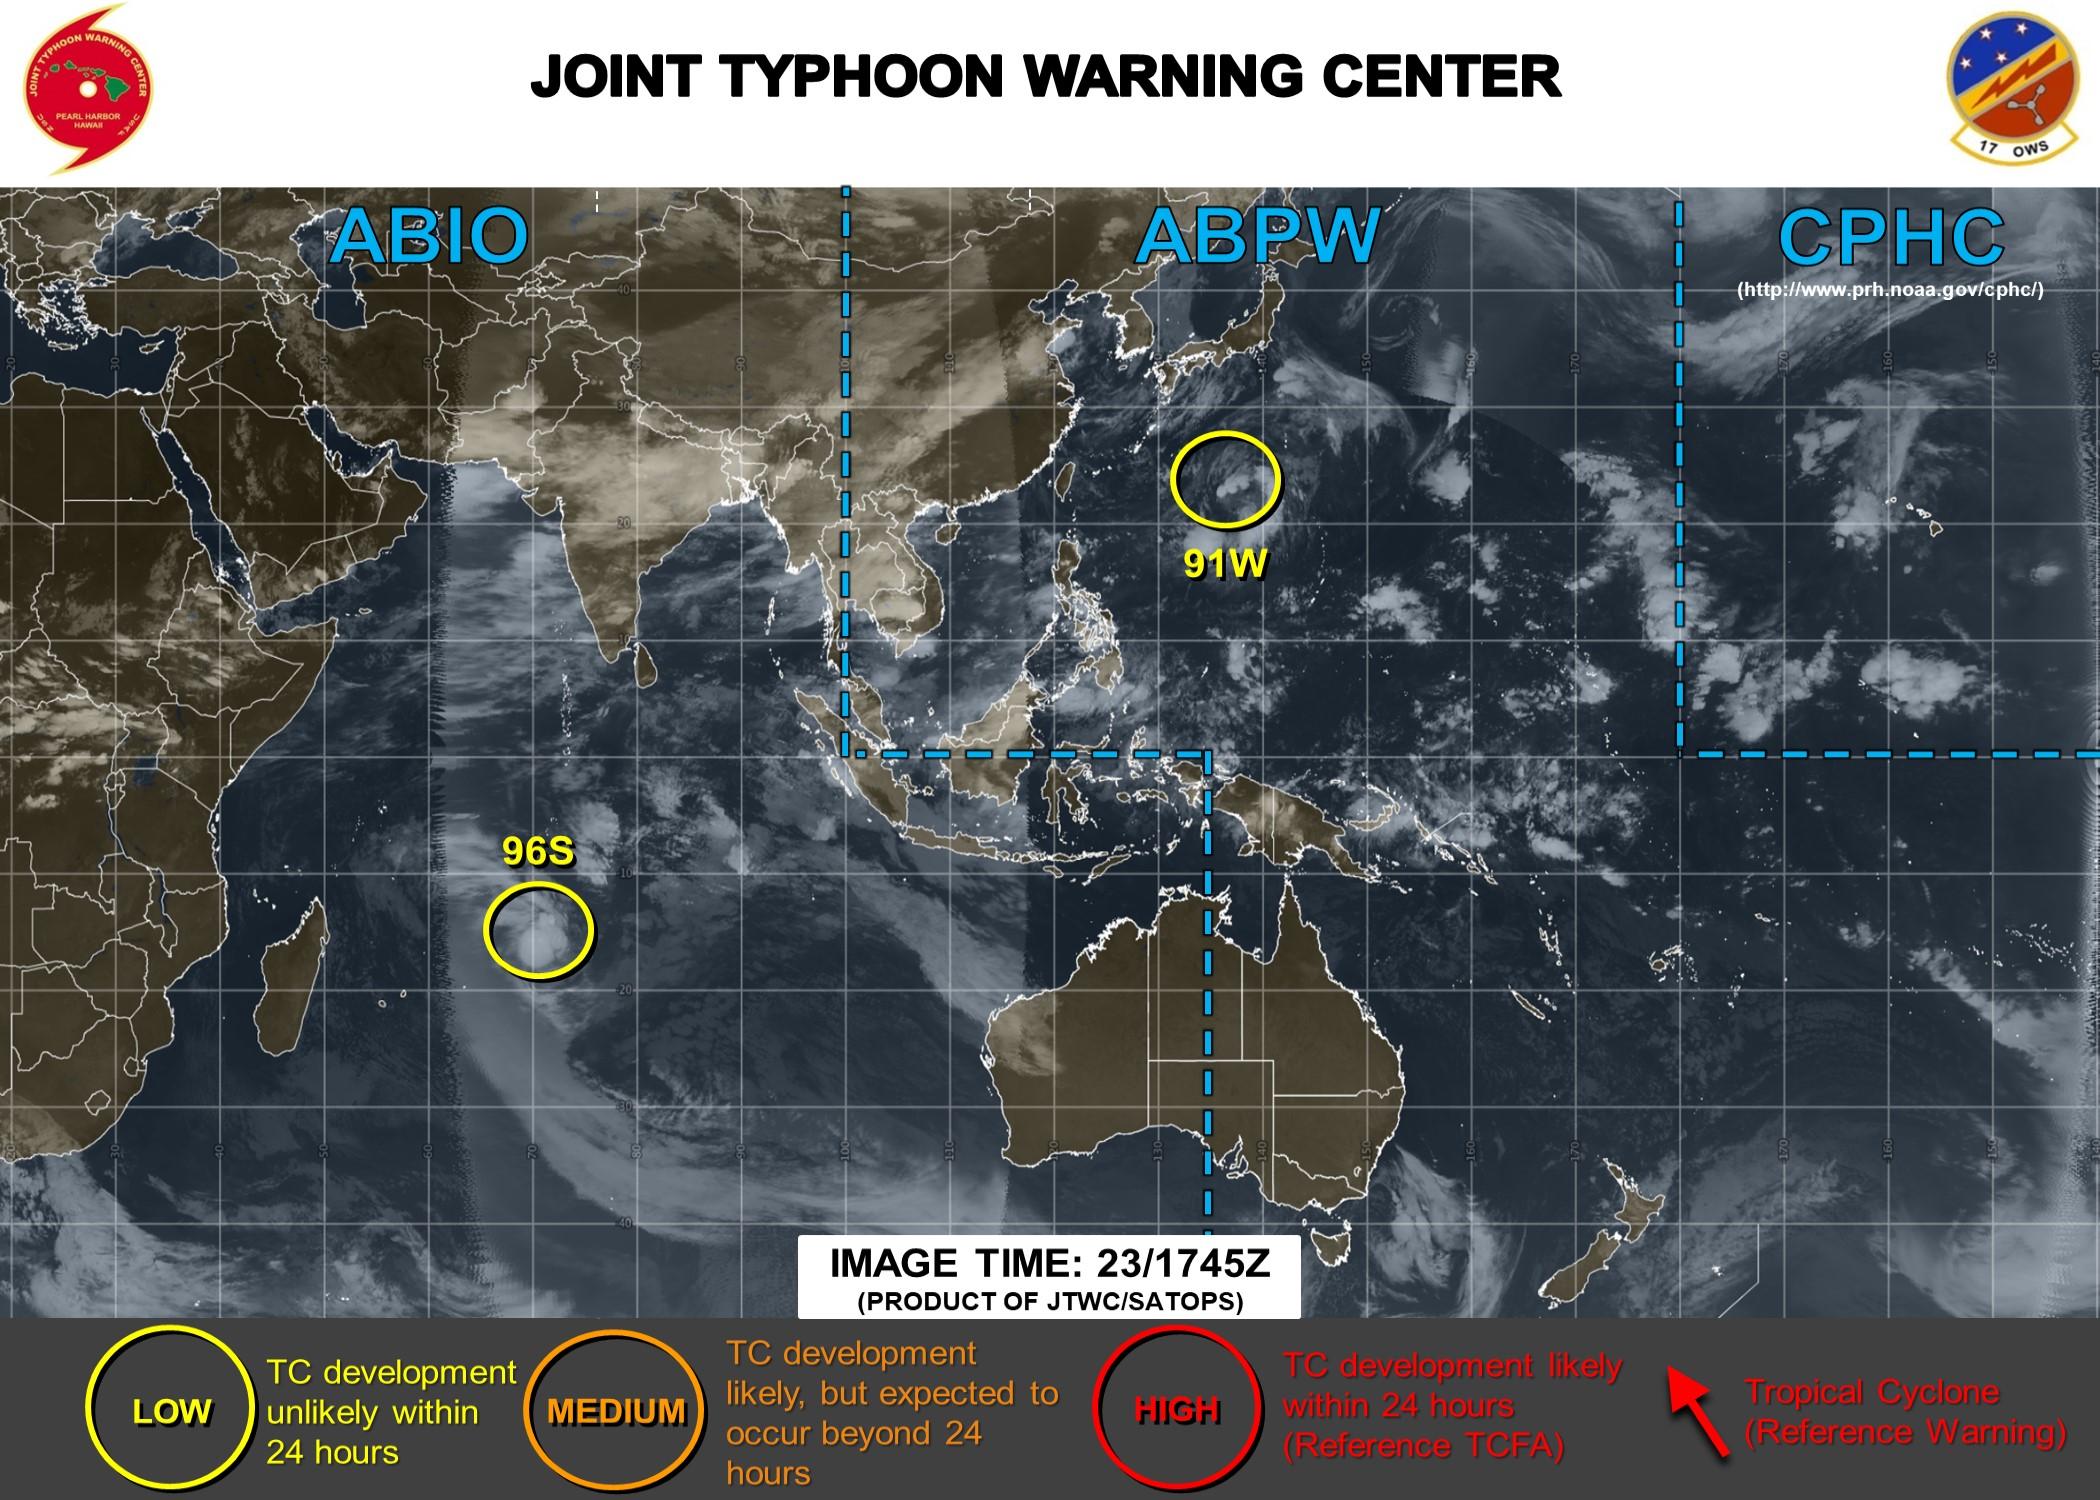 """Le système 96S est actuellement classé en """"LOW"""" par le JTWC: les chances de le voir se développer en dépression tropicale étant estimées faibles en fin d'après midi."""